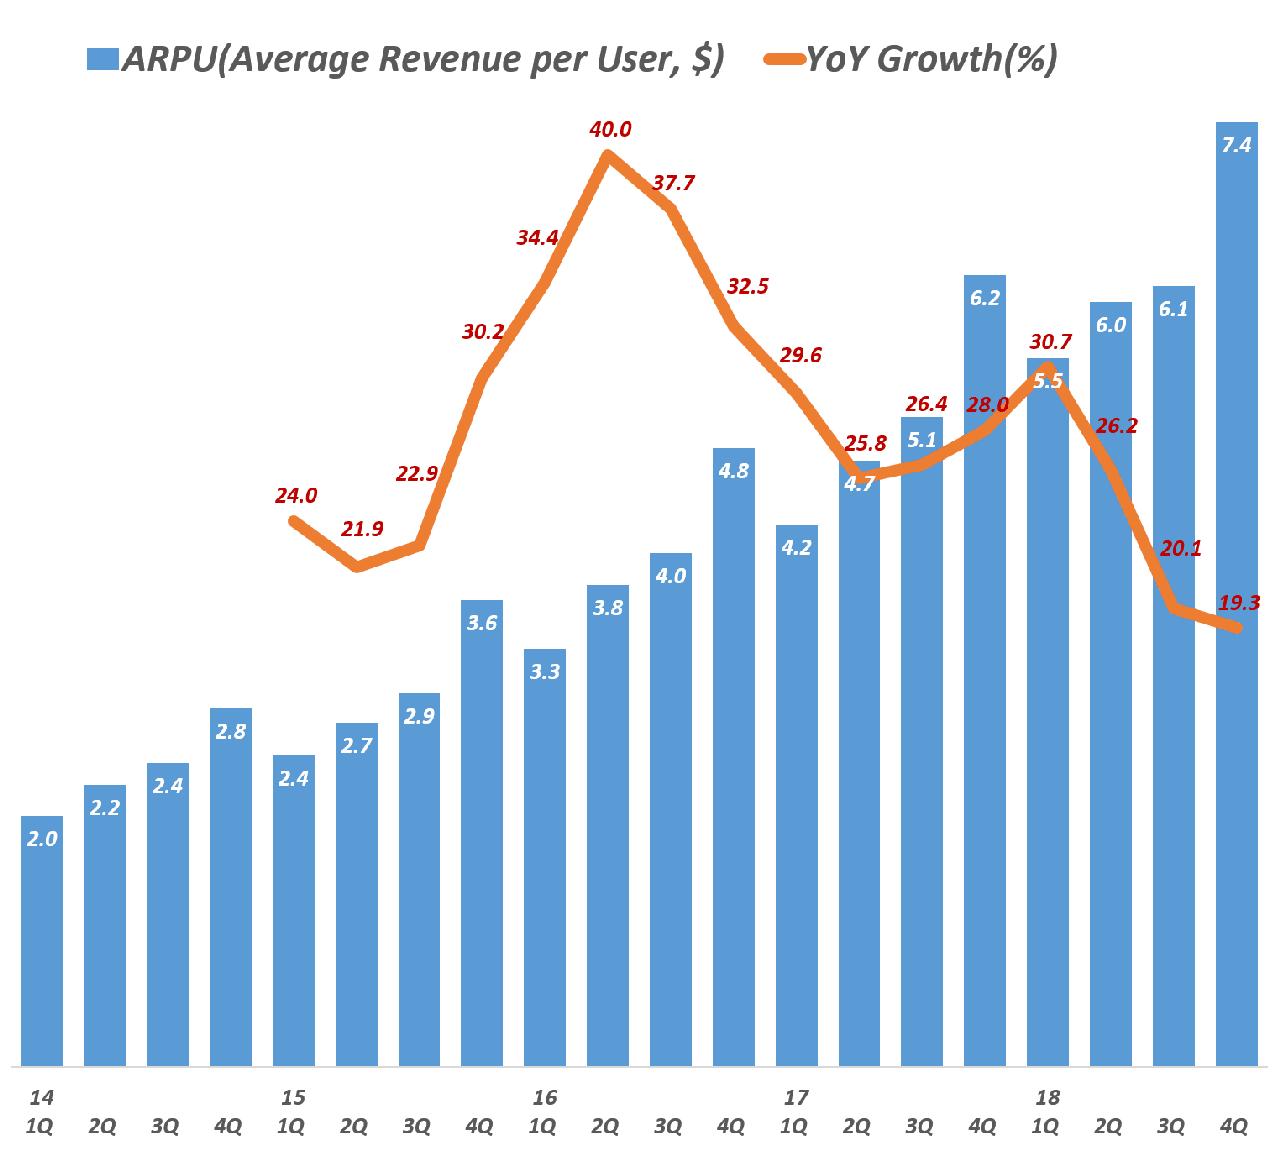 페이스북 분기별 사용자 1인당 매출 추이(2012년 1분기 ~ 2018년 4분기), Facebook ARPU(Average Revenue per User) trend, Data - invest.fb.com, Graph by Happist